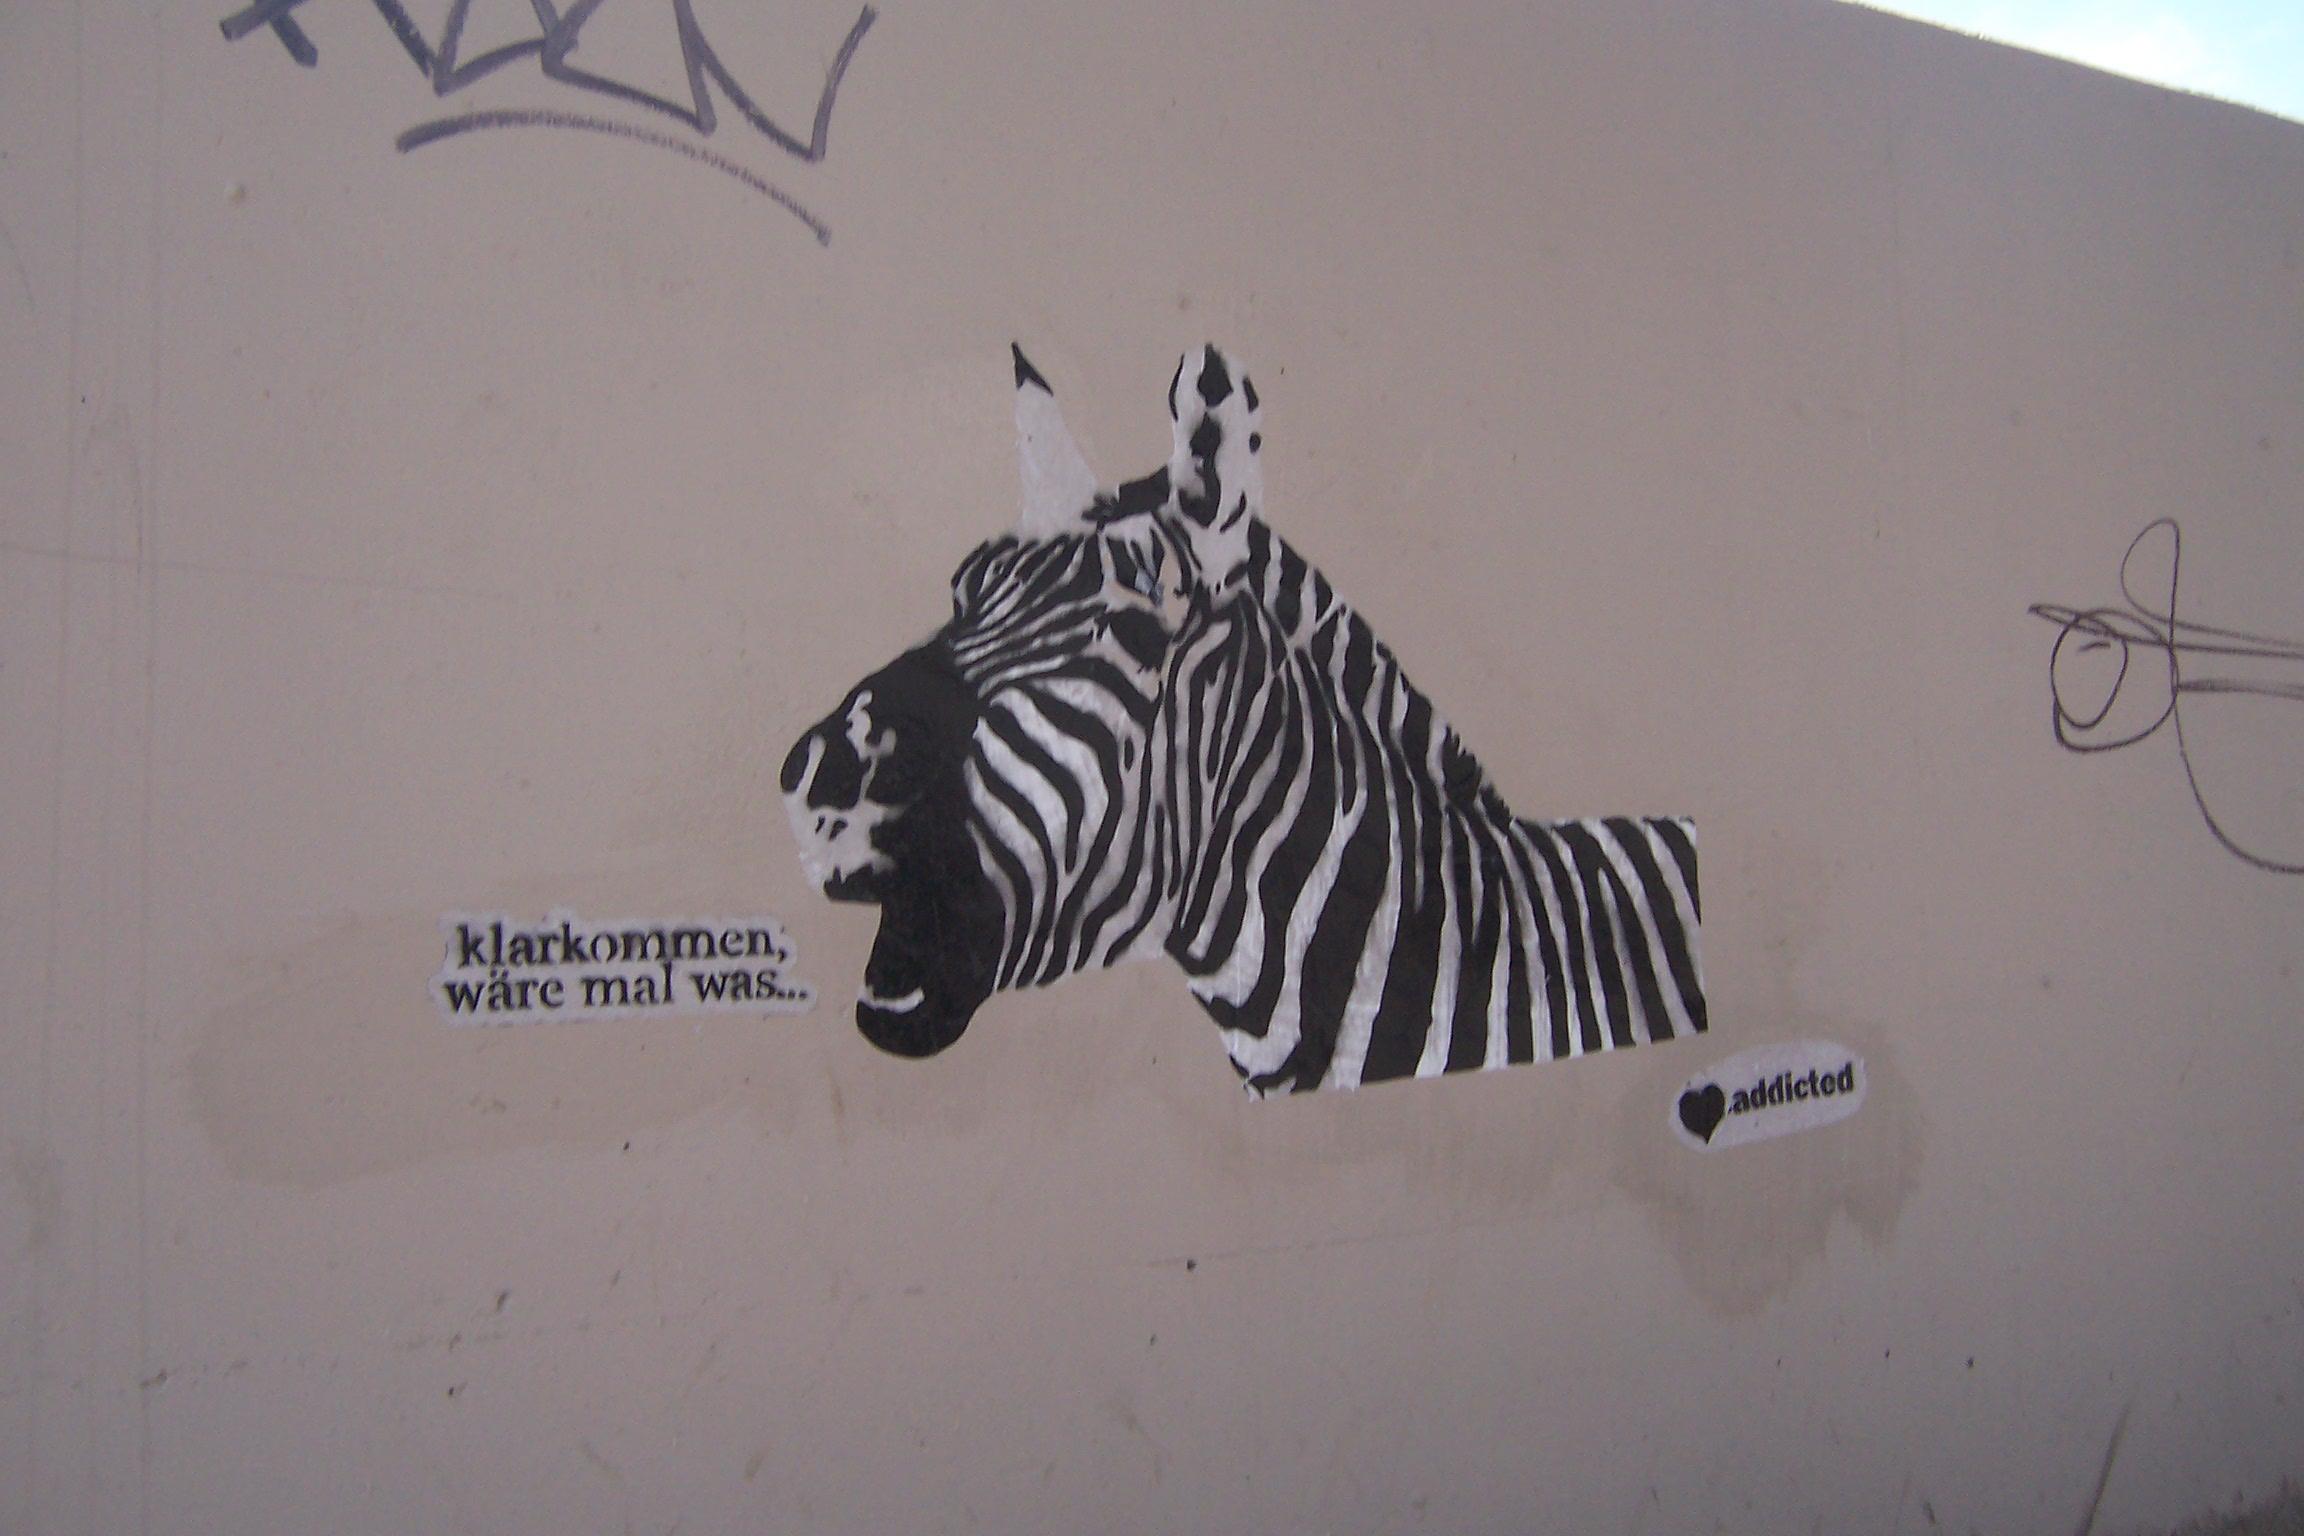 zebra,klarkommen, wäre, mal, was, stencil, dortmund